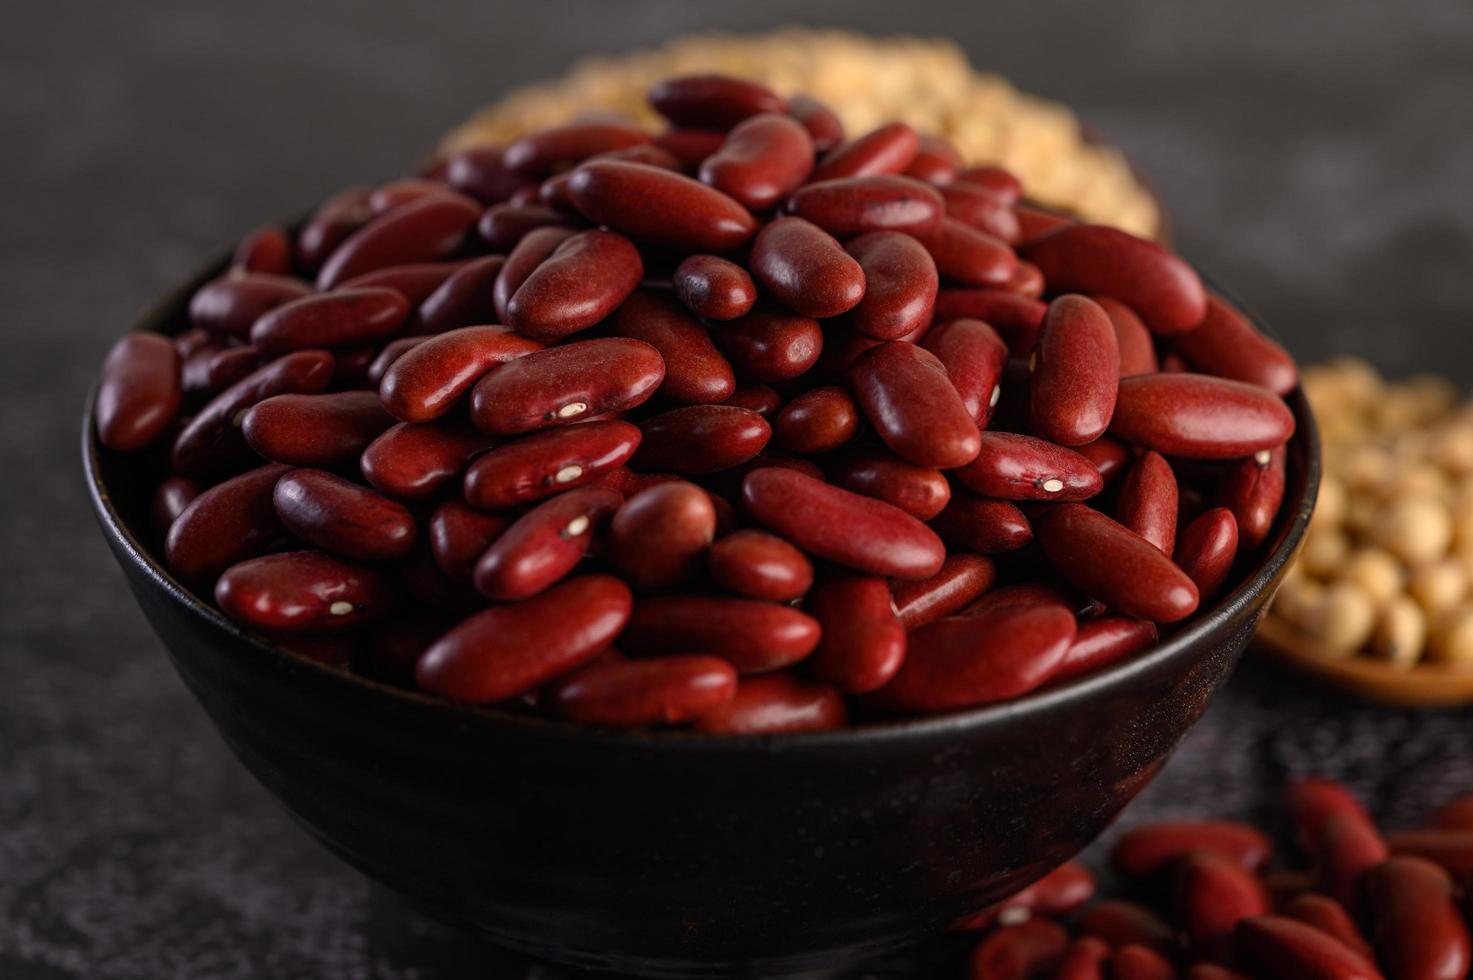 haricots rouges dans un bol en bois et cuillère brune photo